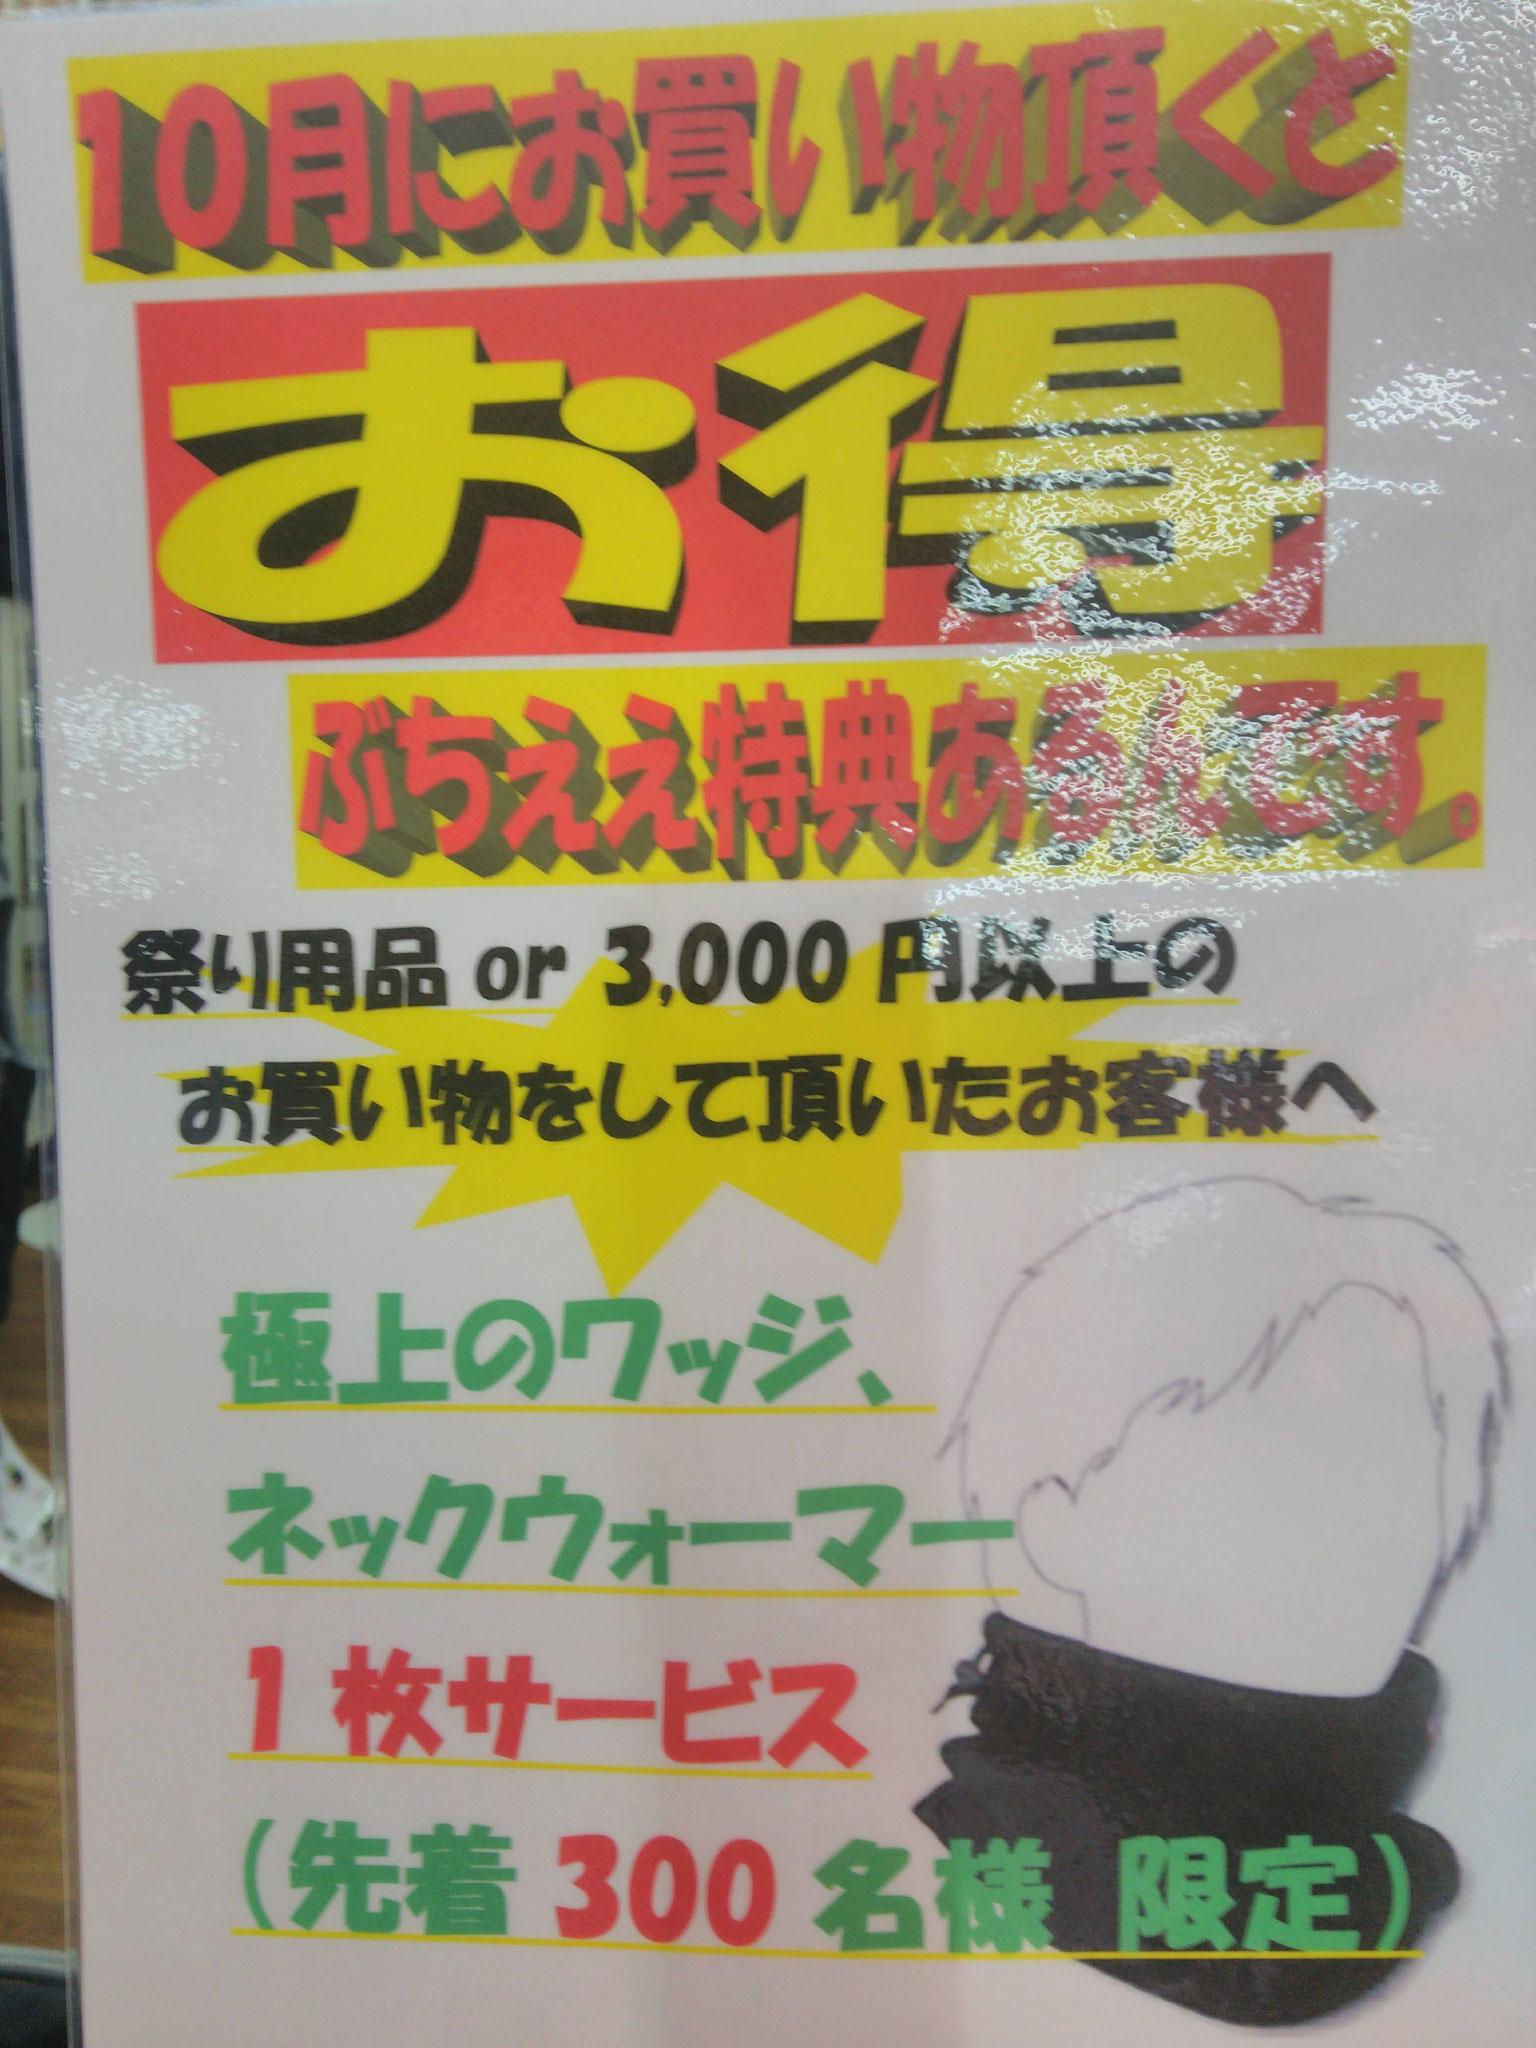 祭り用品or3,000円以上お買い物して頂いたお客様、先着300名様にネックウォーマーorワッチプレゼント!!